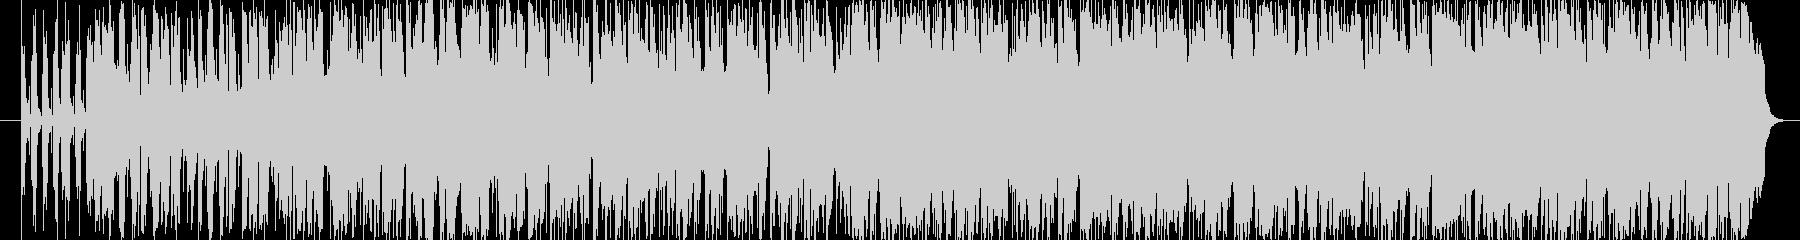 ピアノで旋律を奏でているジャズワルツの未再生の波形